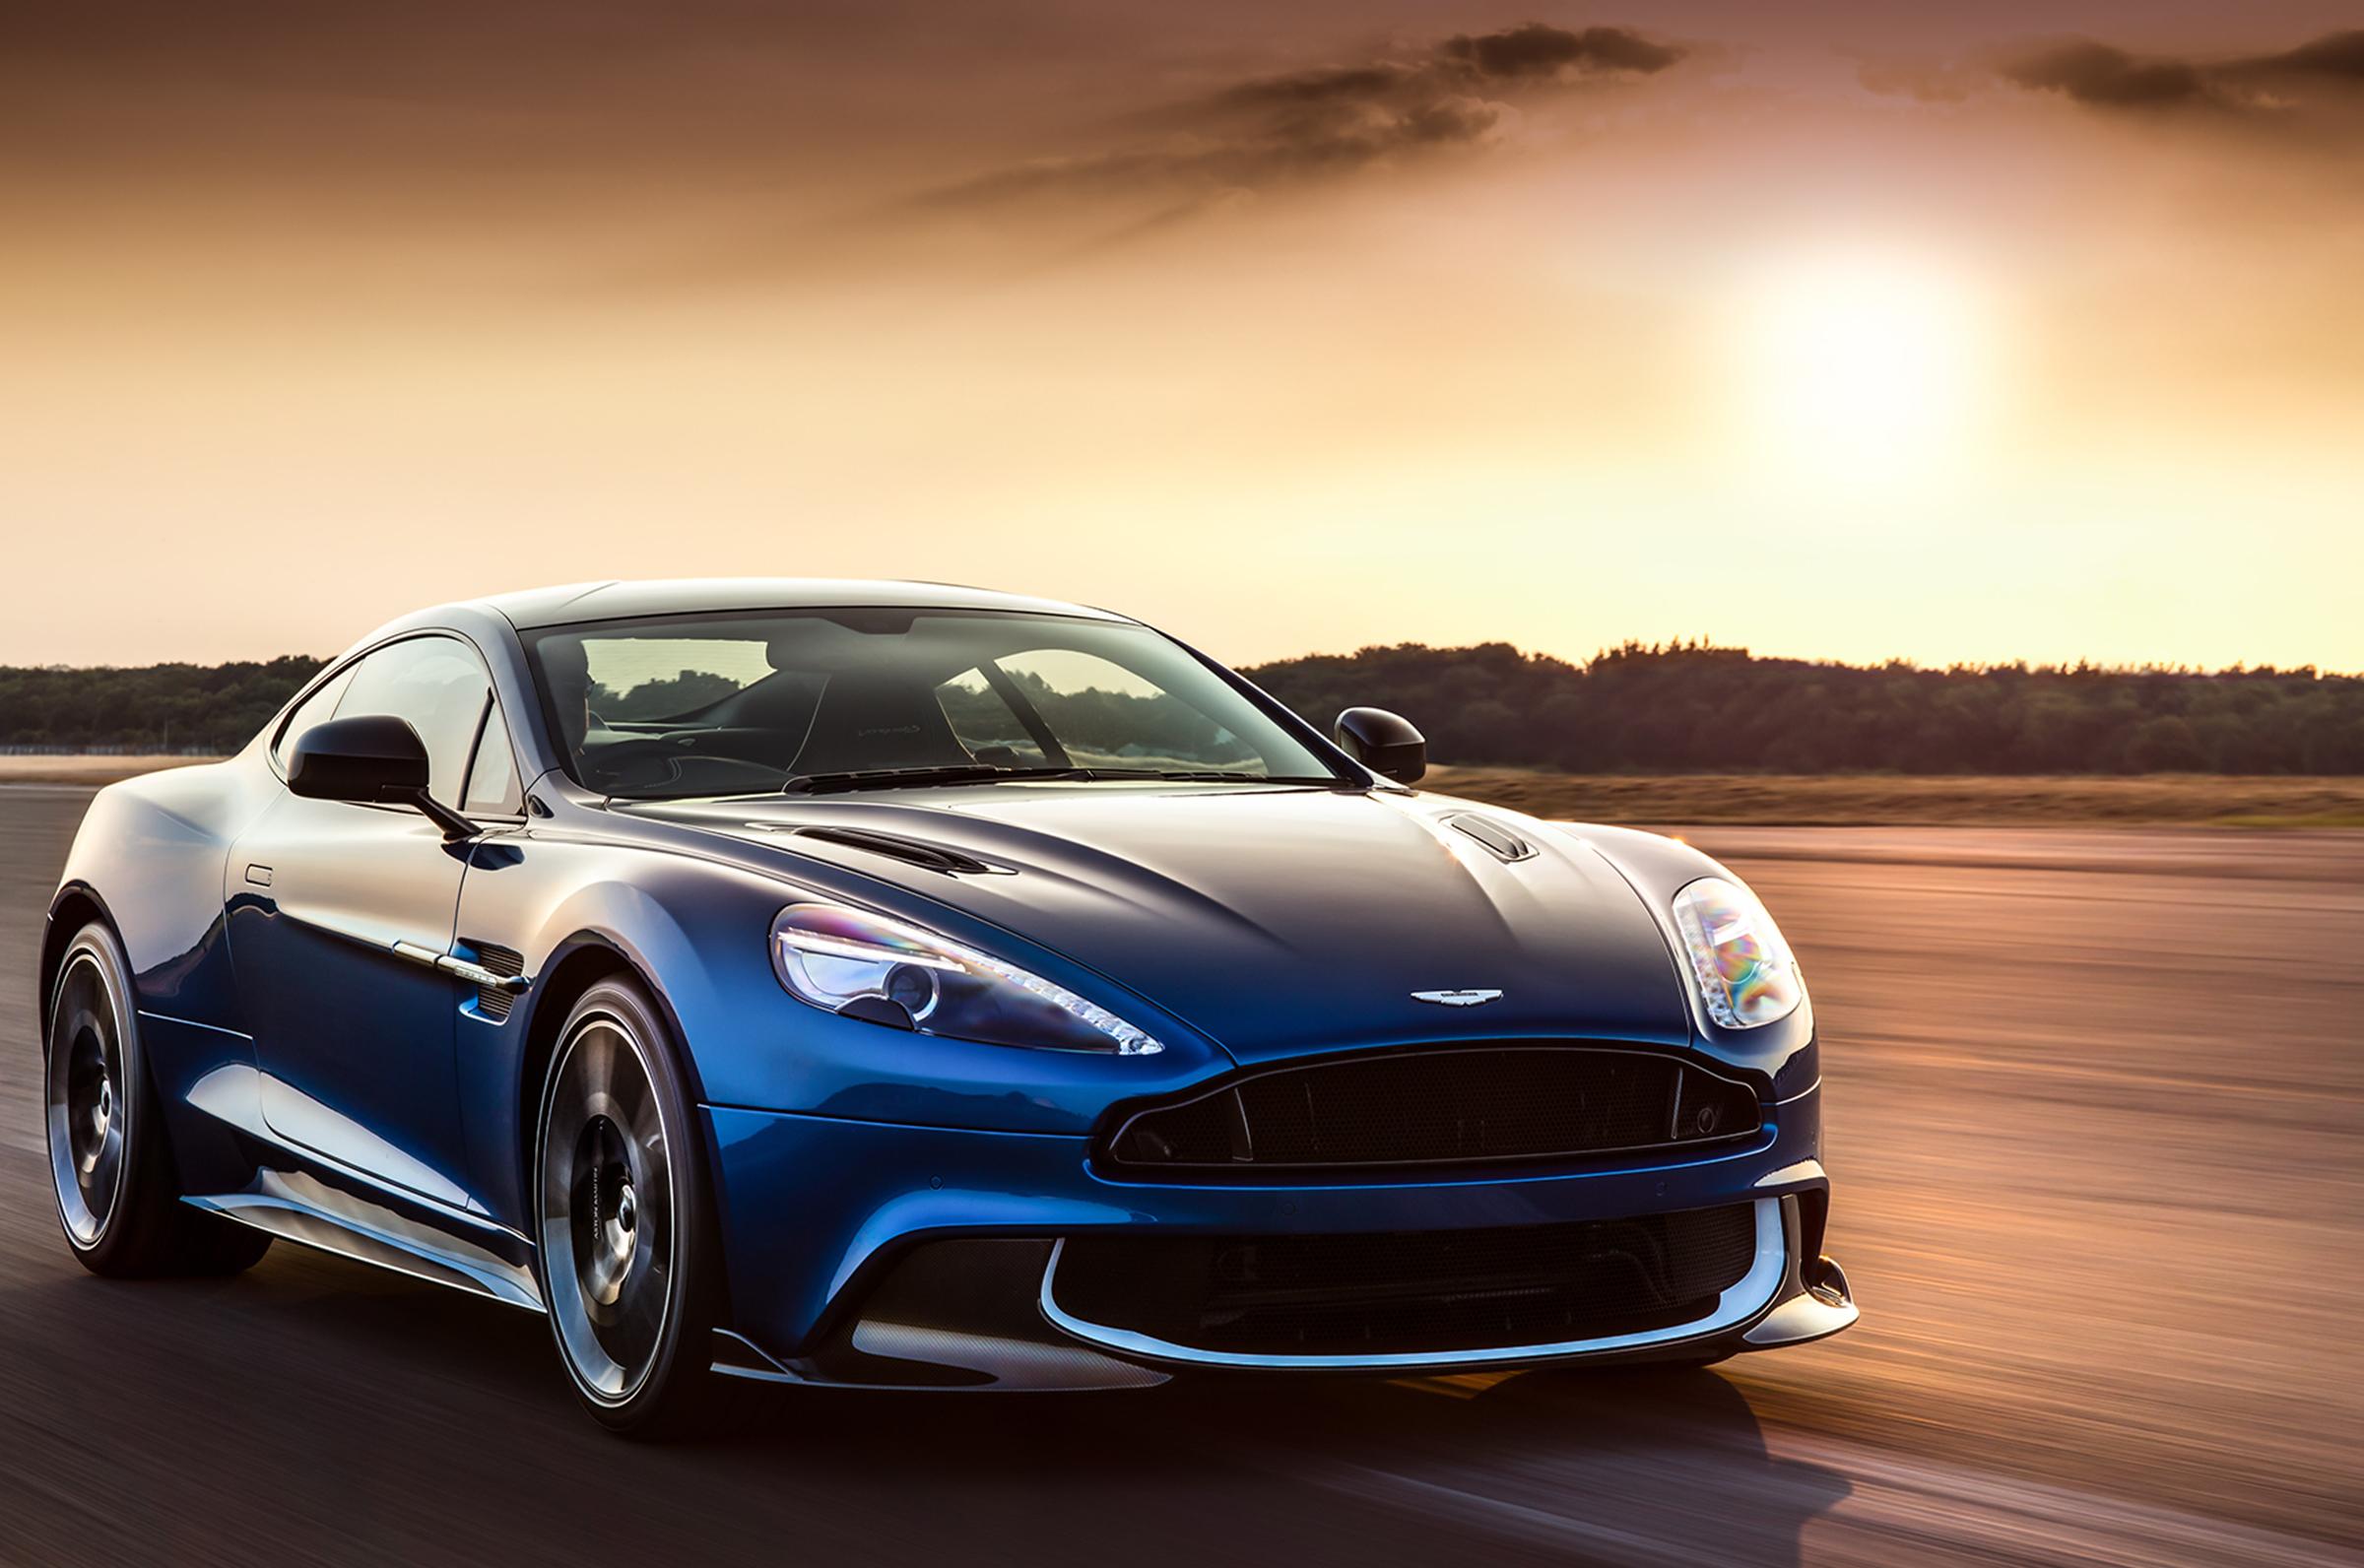 Vanquish S Aston Martinrhglobalastonmartin: Aston Martin Camshaft Position Sensor Location At Elf-jo.com